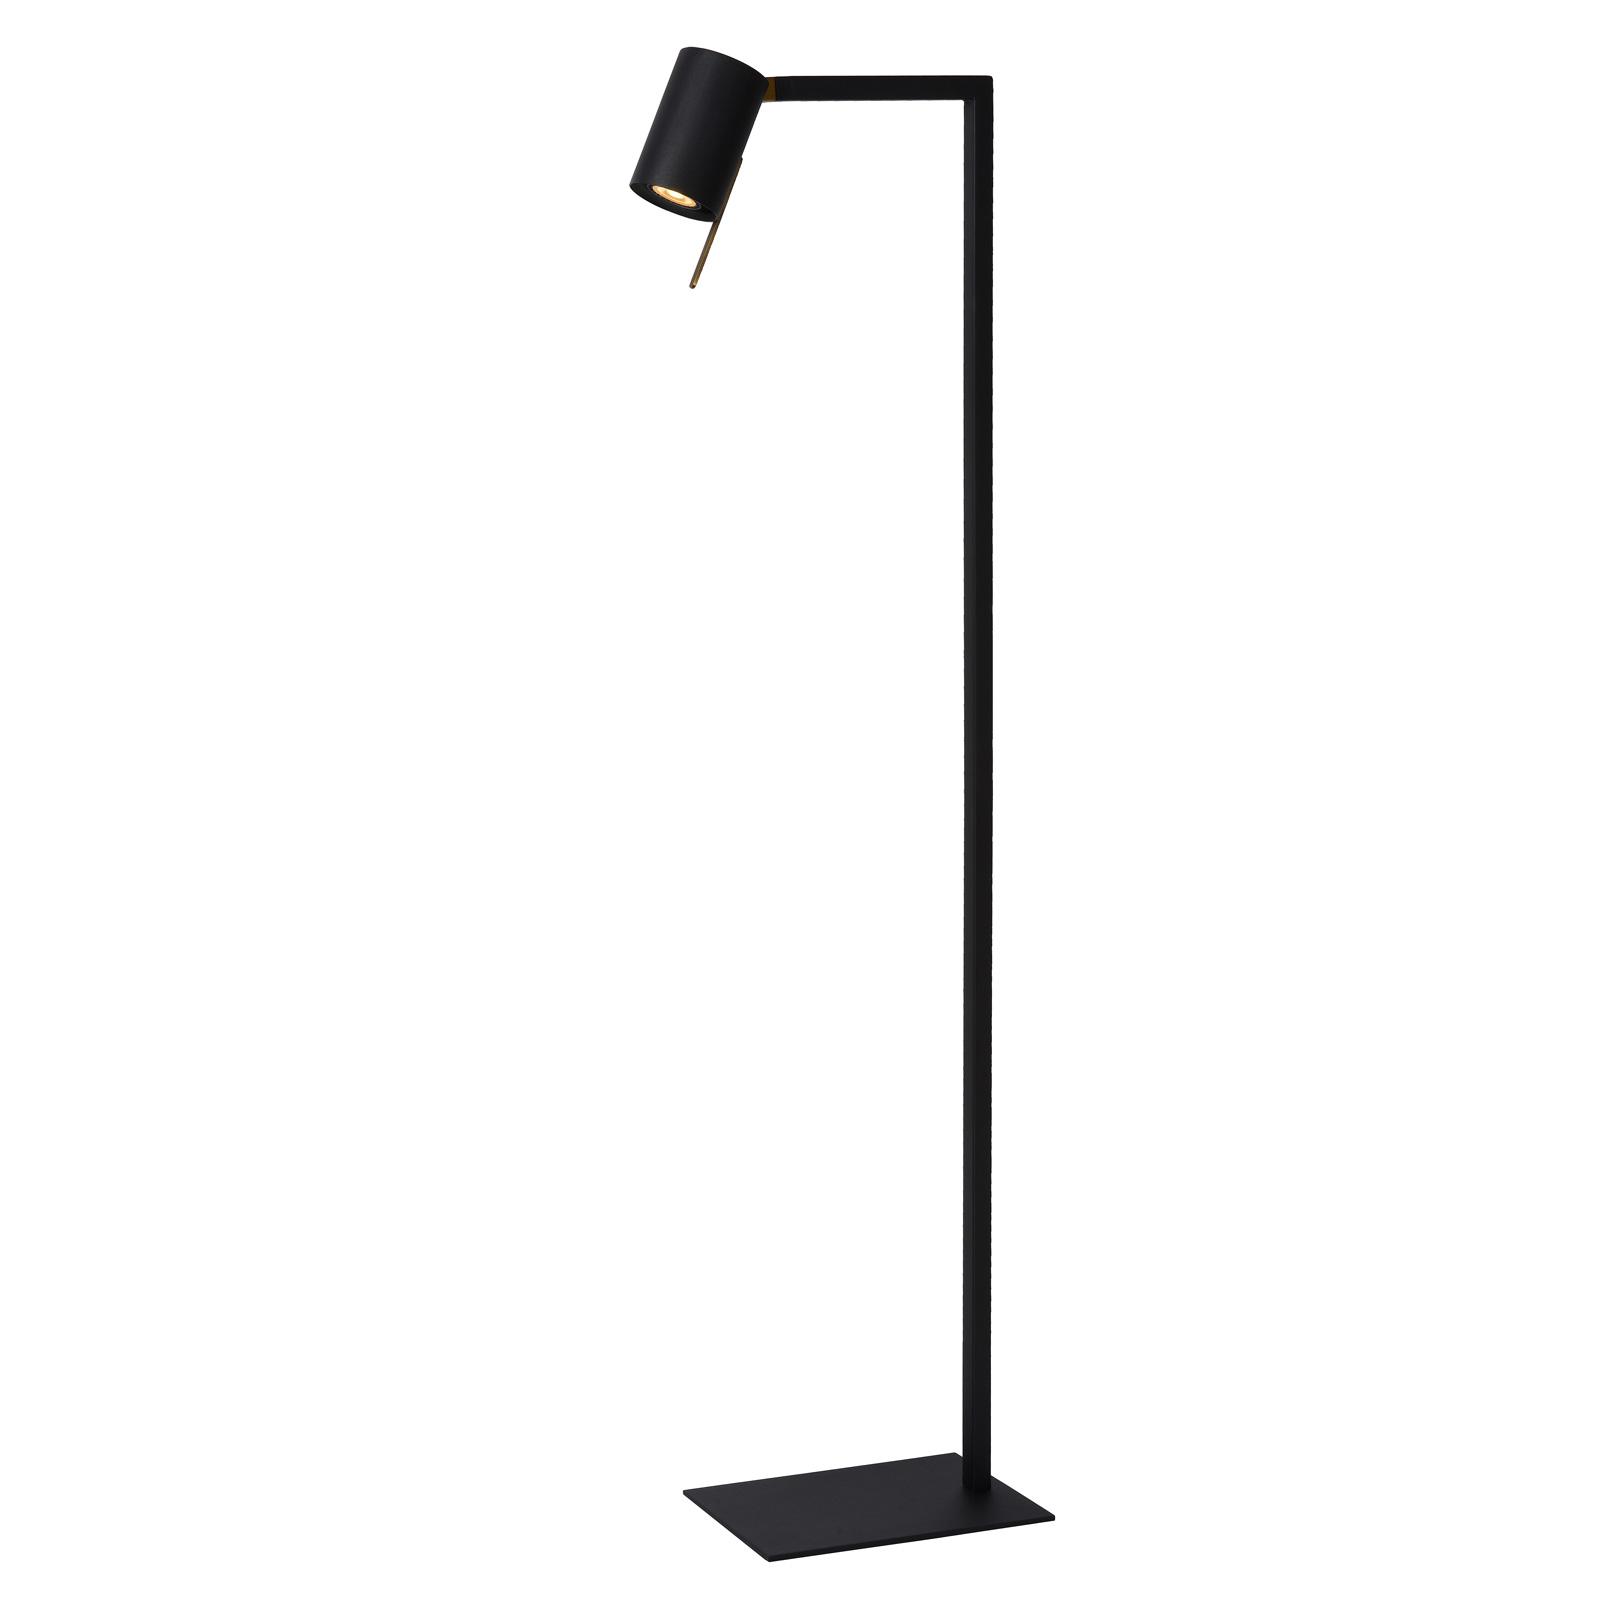 Vloerlamp Lesley, zwart